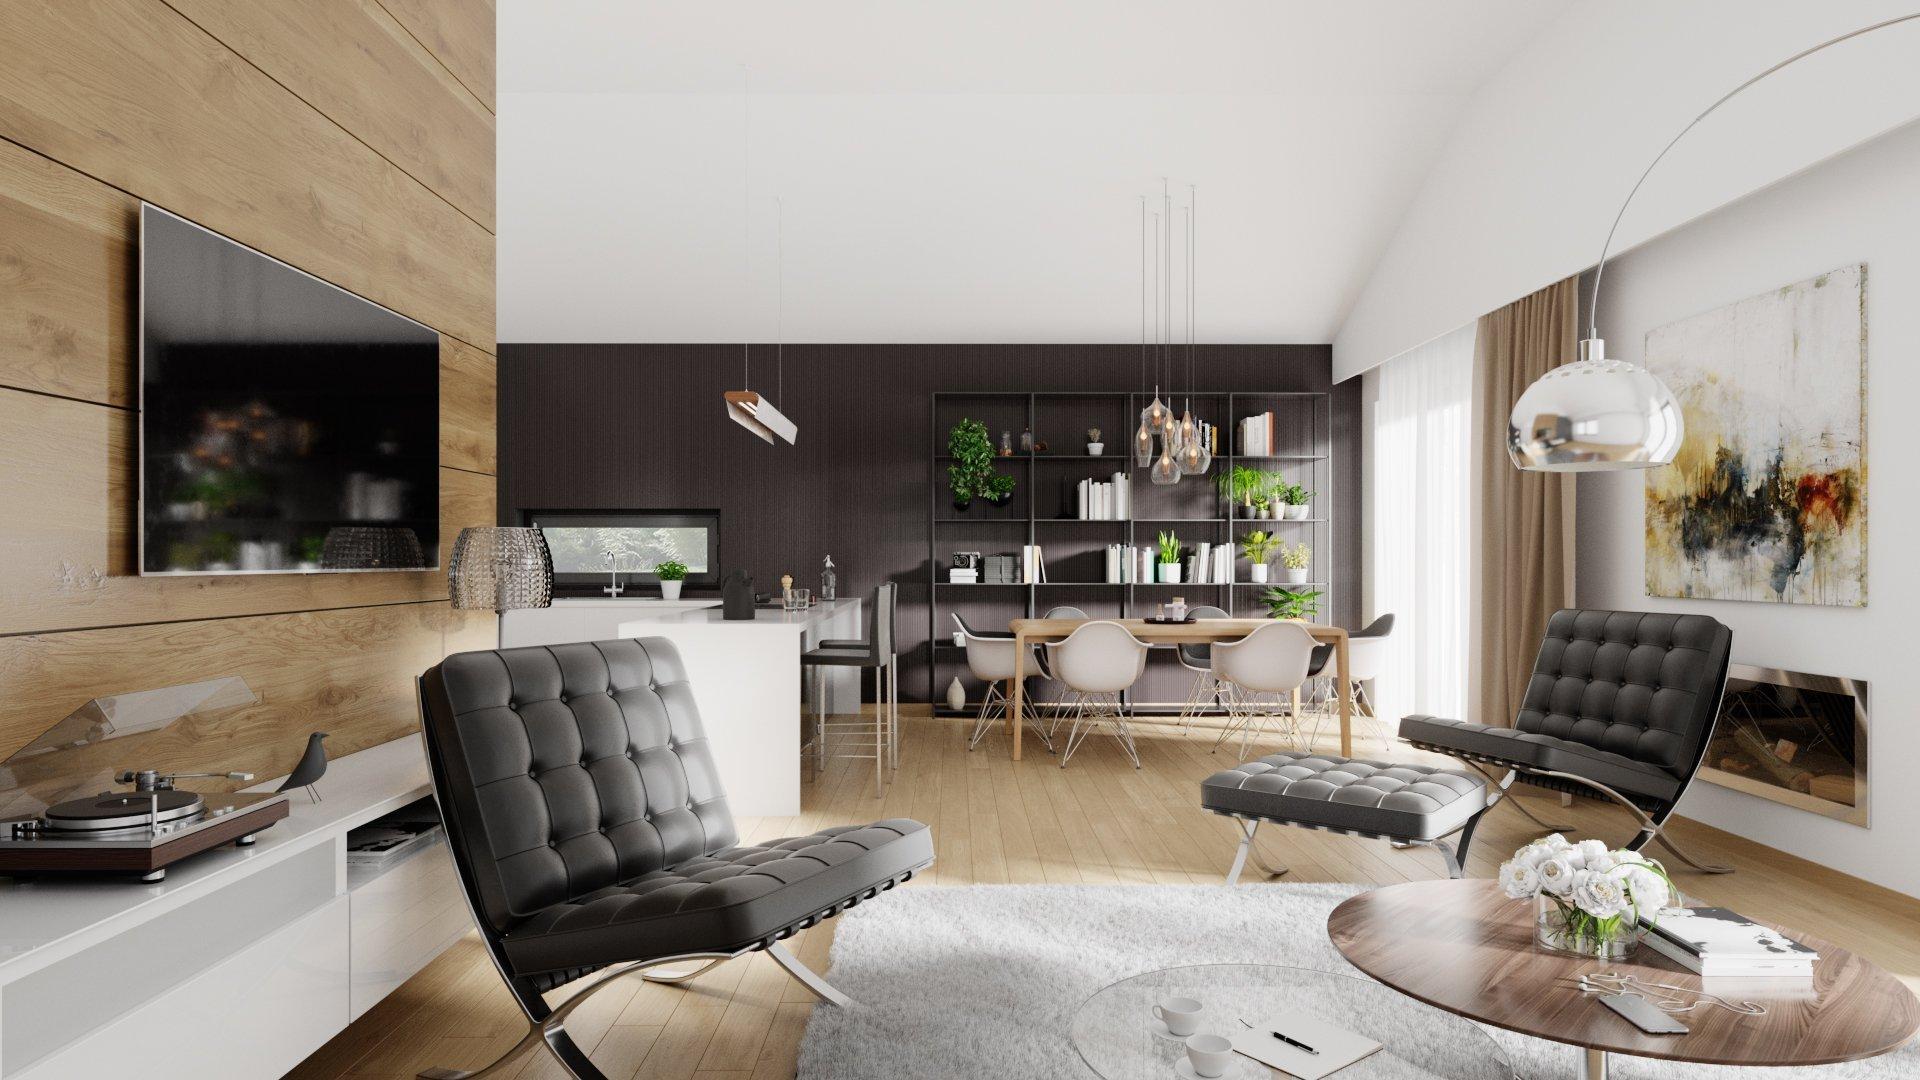 Predmetom návrhu bol interiérový priestor kuchyne s jedálenským kútom a obývacou izbou tvoriaci dennú zónu bytu. Hlavným použitým interiérovým prvkom je drevo.…